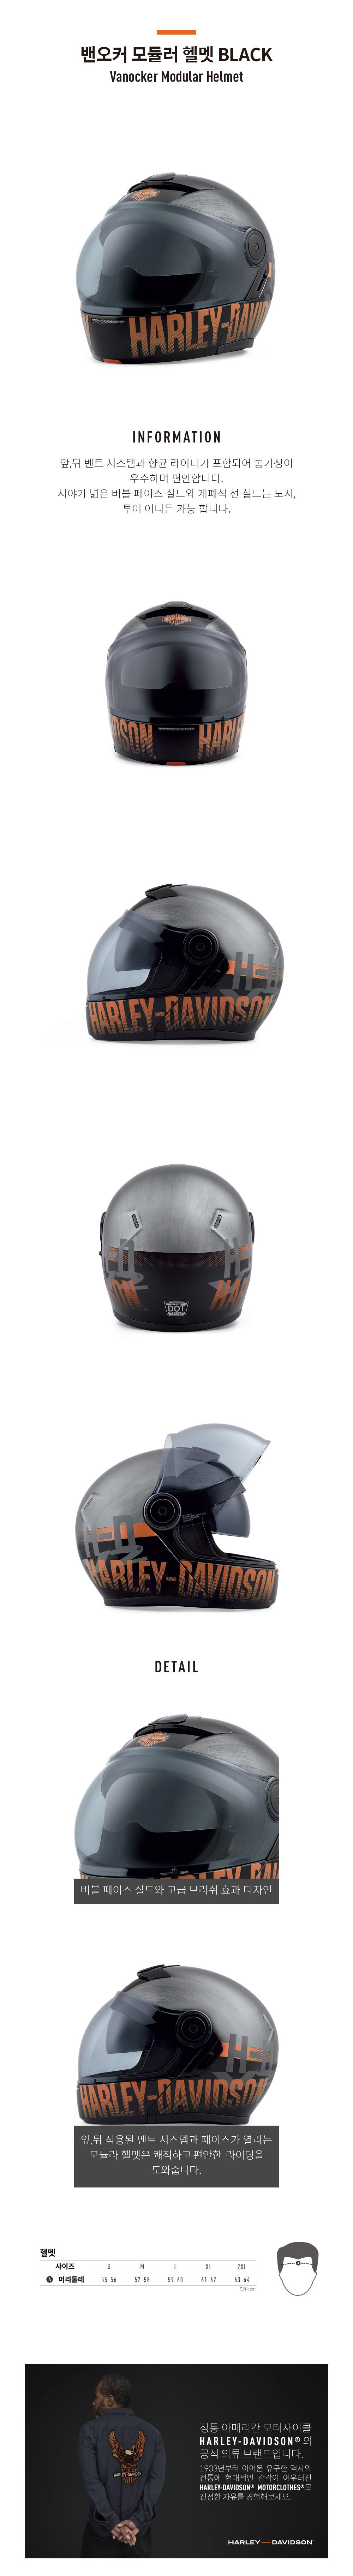 할리데이비슨 밴오커 모듈러 헬멧 BLACK